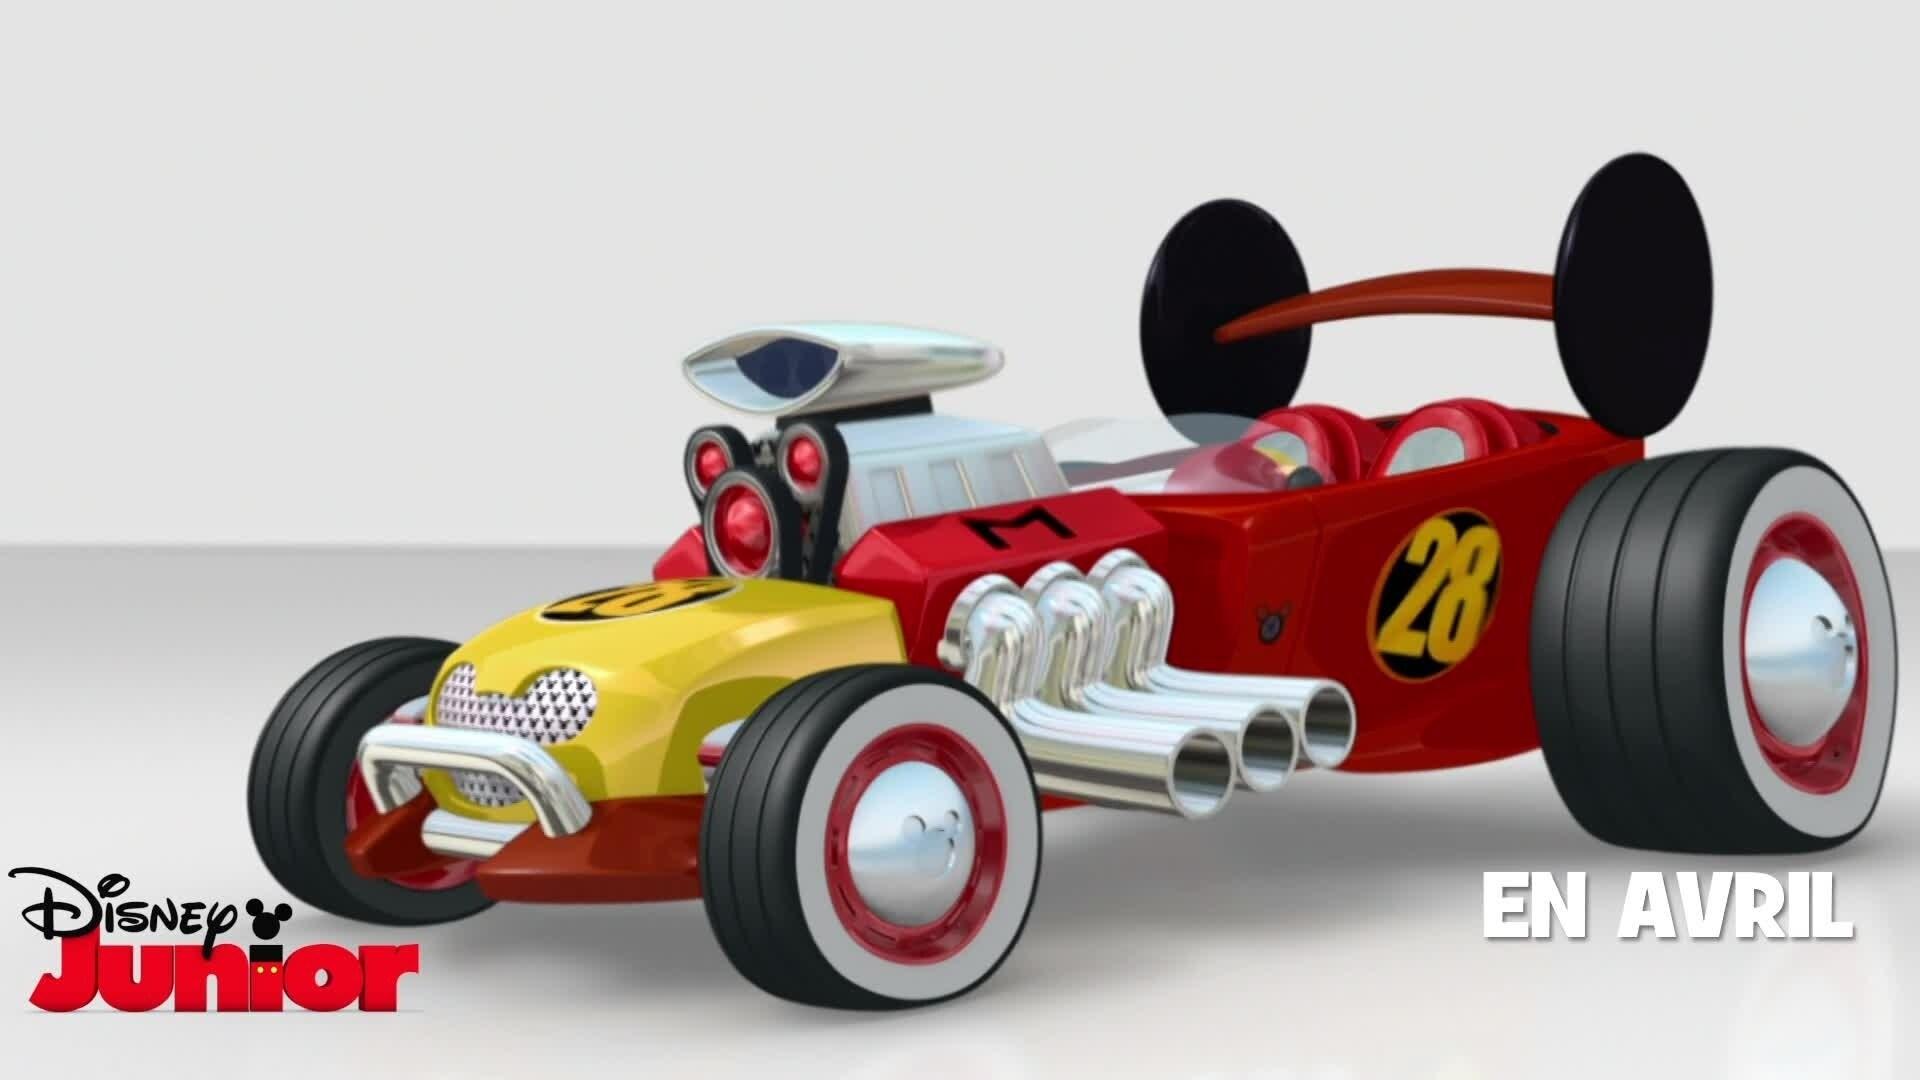 La turbo-toon-mobile de Mickey